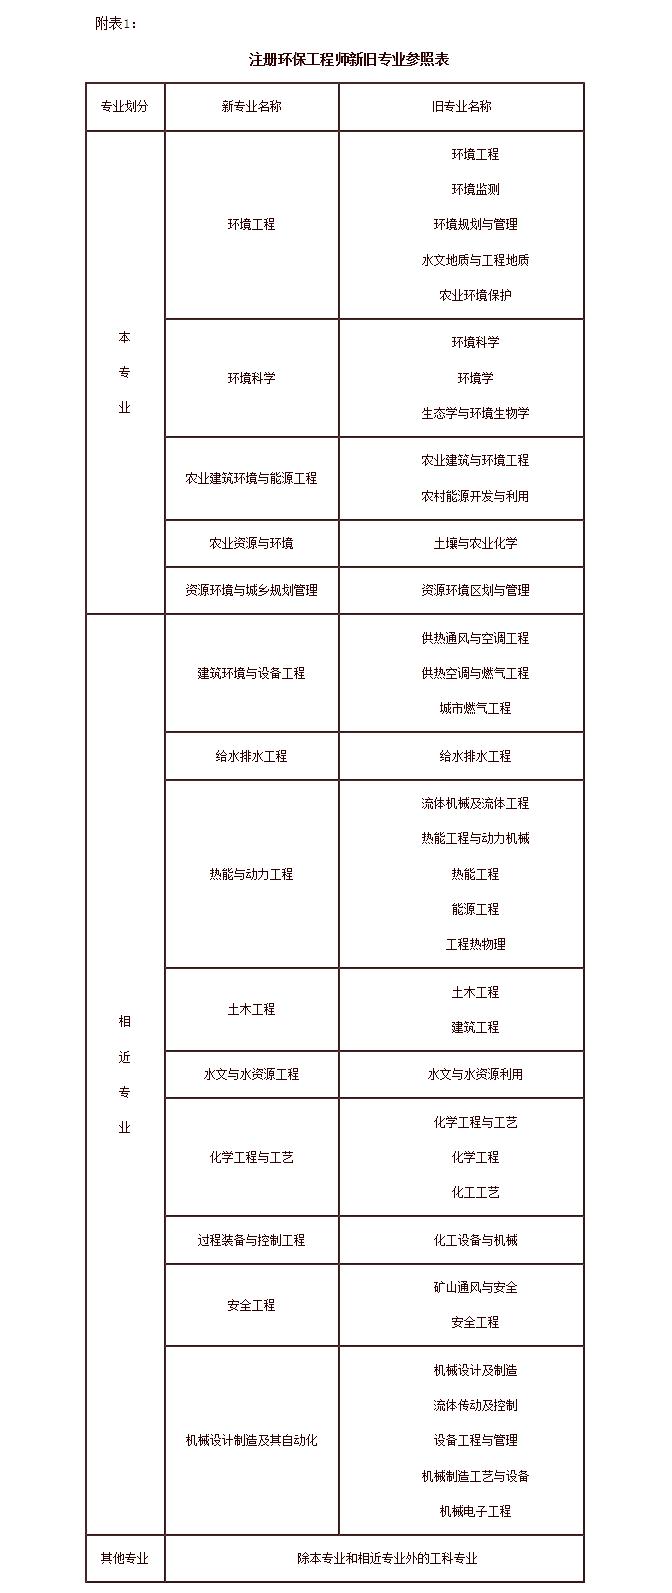 关于印发《注册环保工程师制度暂行规定、br考试实施办法、考核认定方法》的通知--中国人事考试网